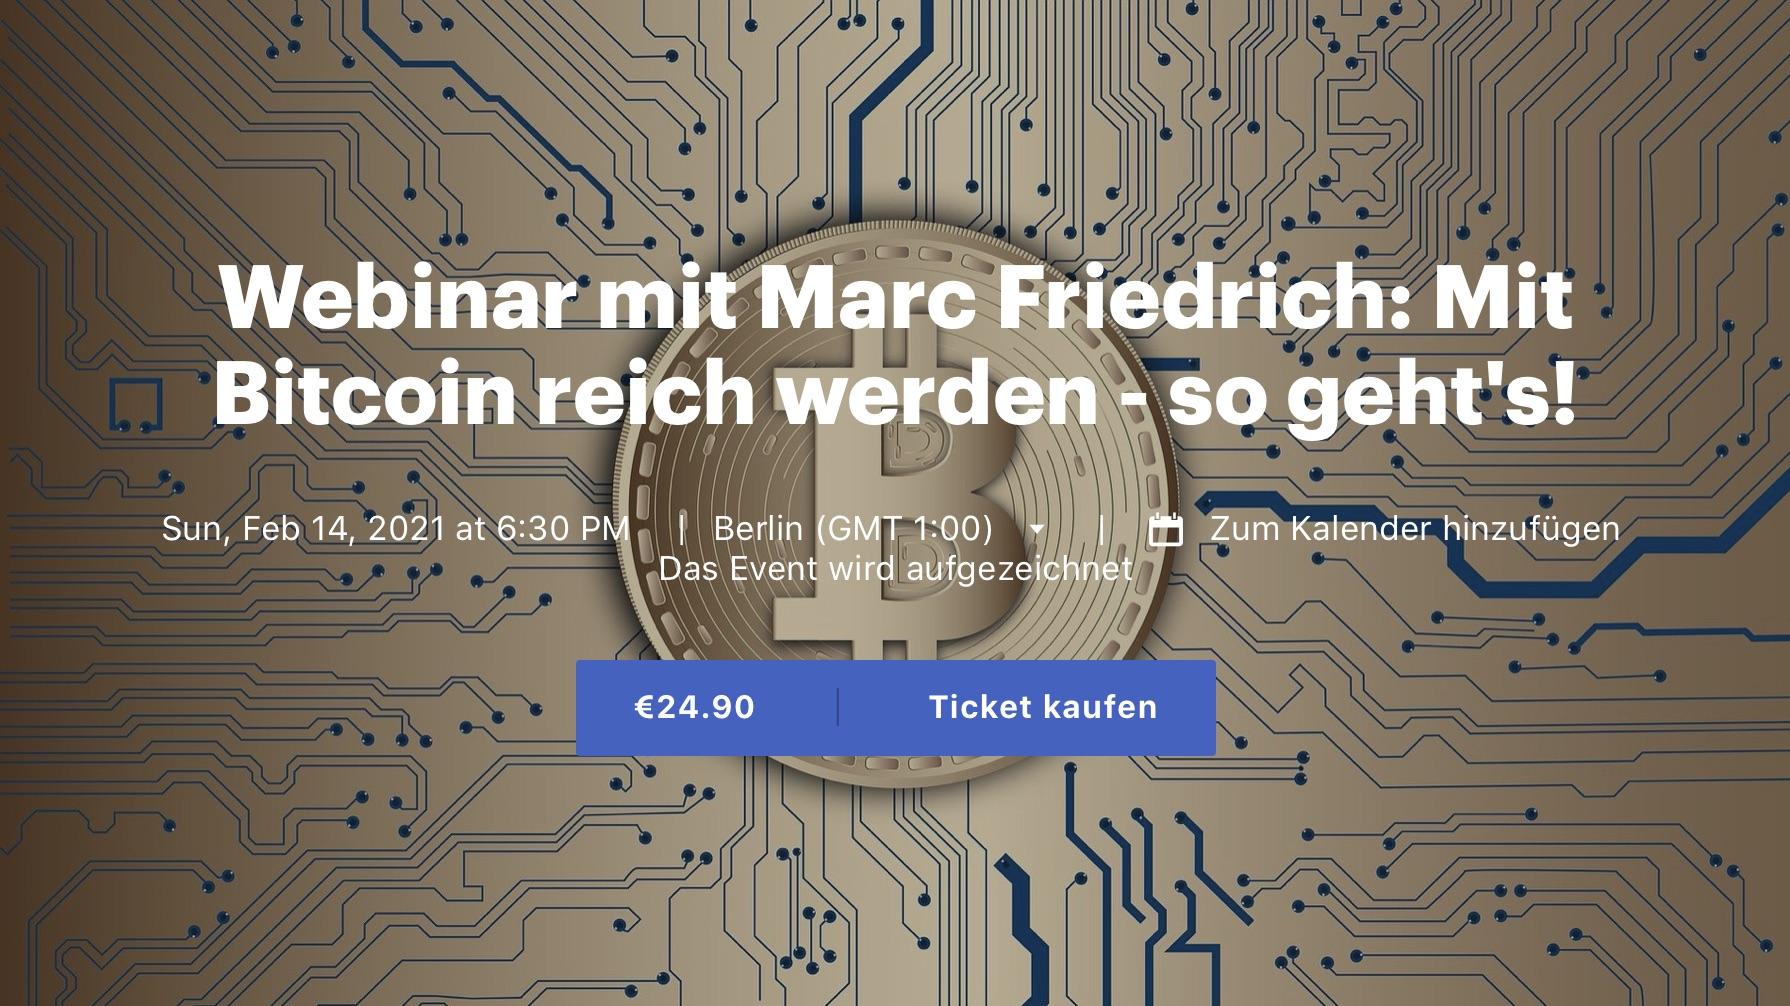 Webinar mit Marc: Mit Bitcoin reich werden - so geht's!